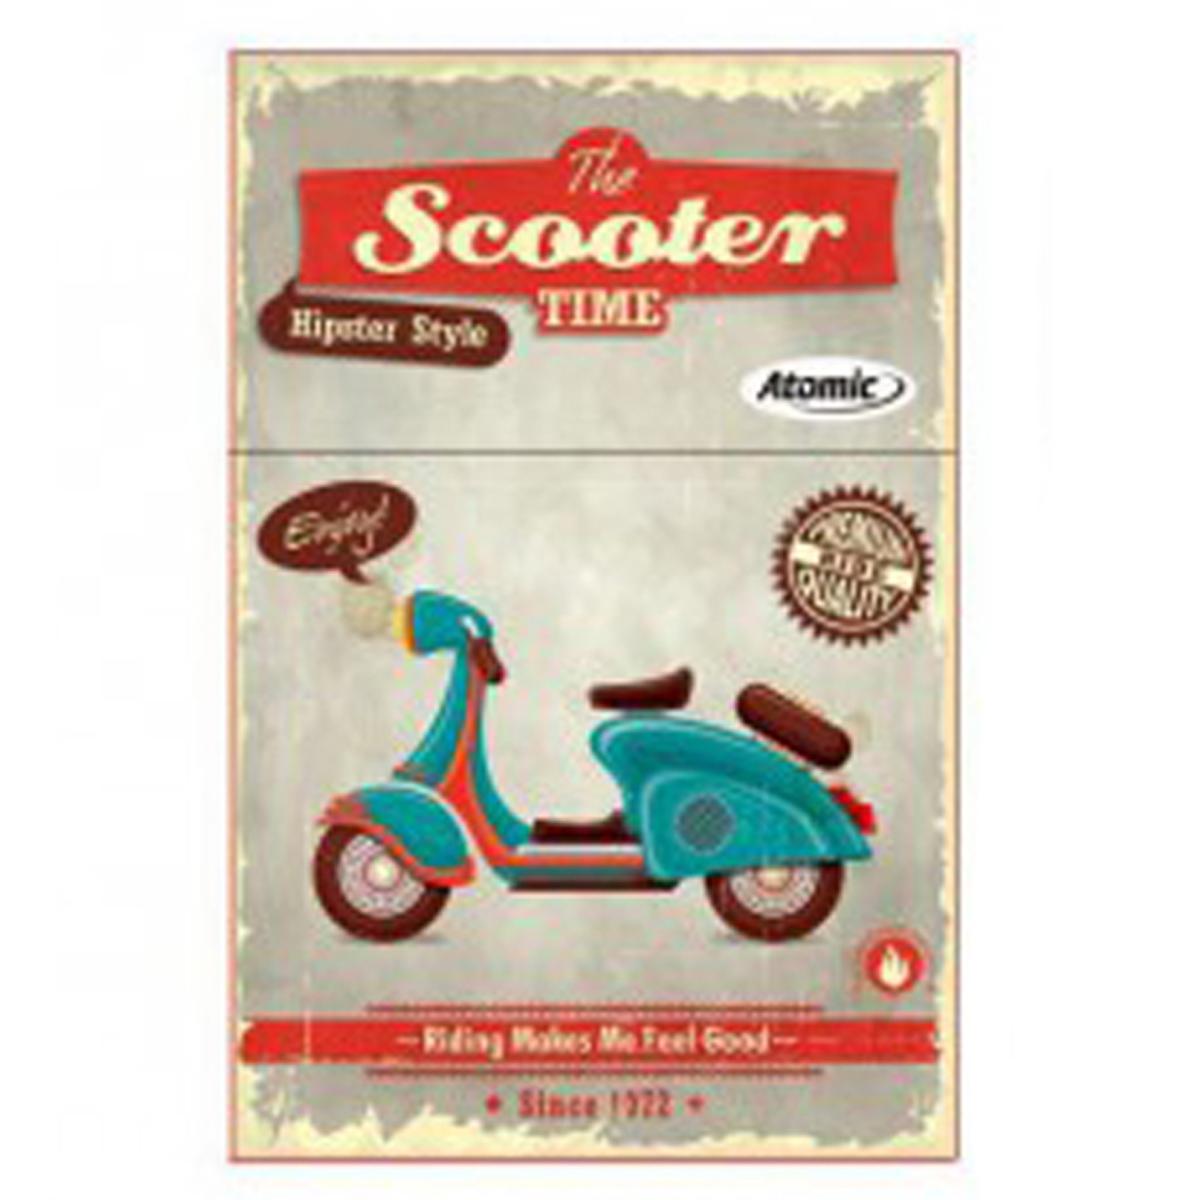 Etui à paquet de cigarettes \'Scooter Rétro\' marron (the Scooter time) - 85x5 cm - [Q3225]